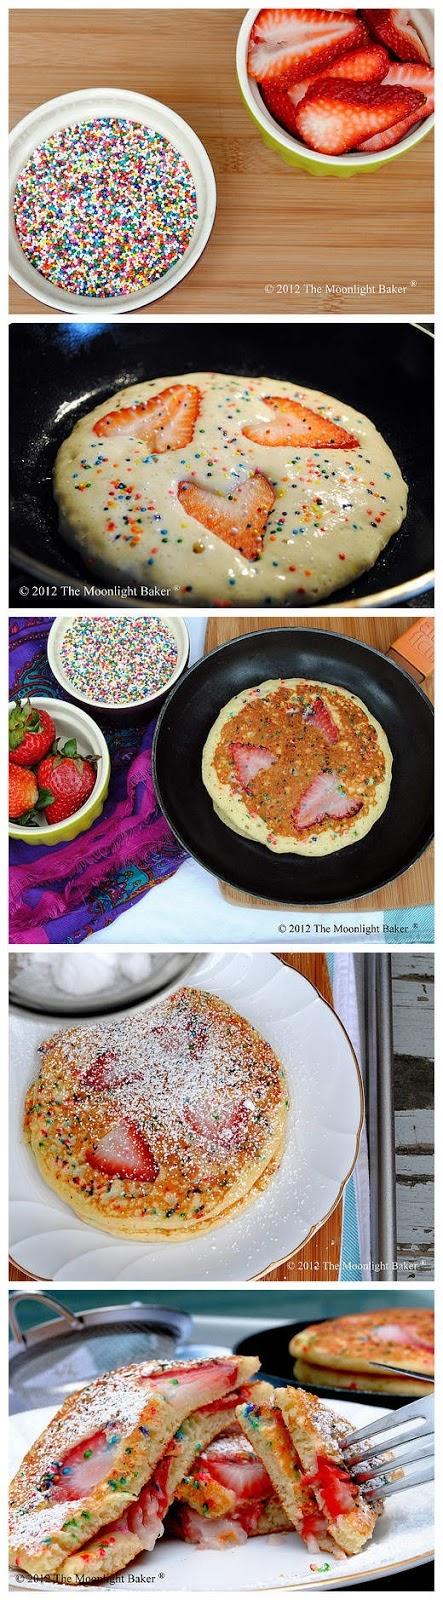 strawberry funfetti pancakes